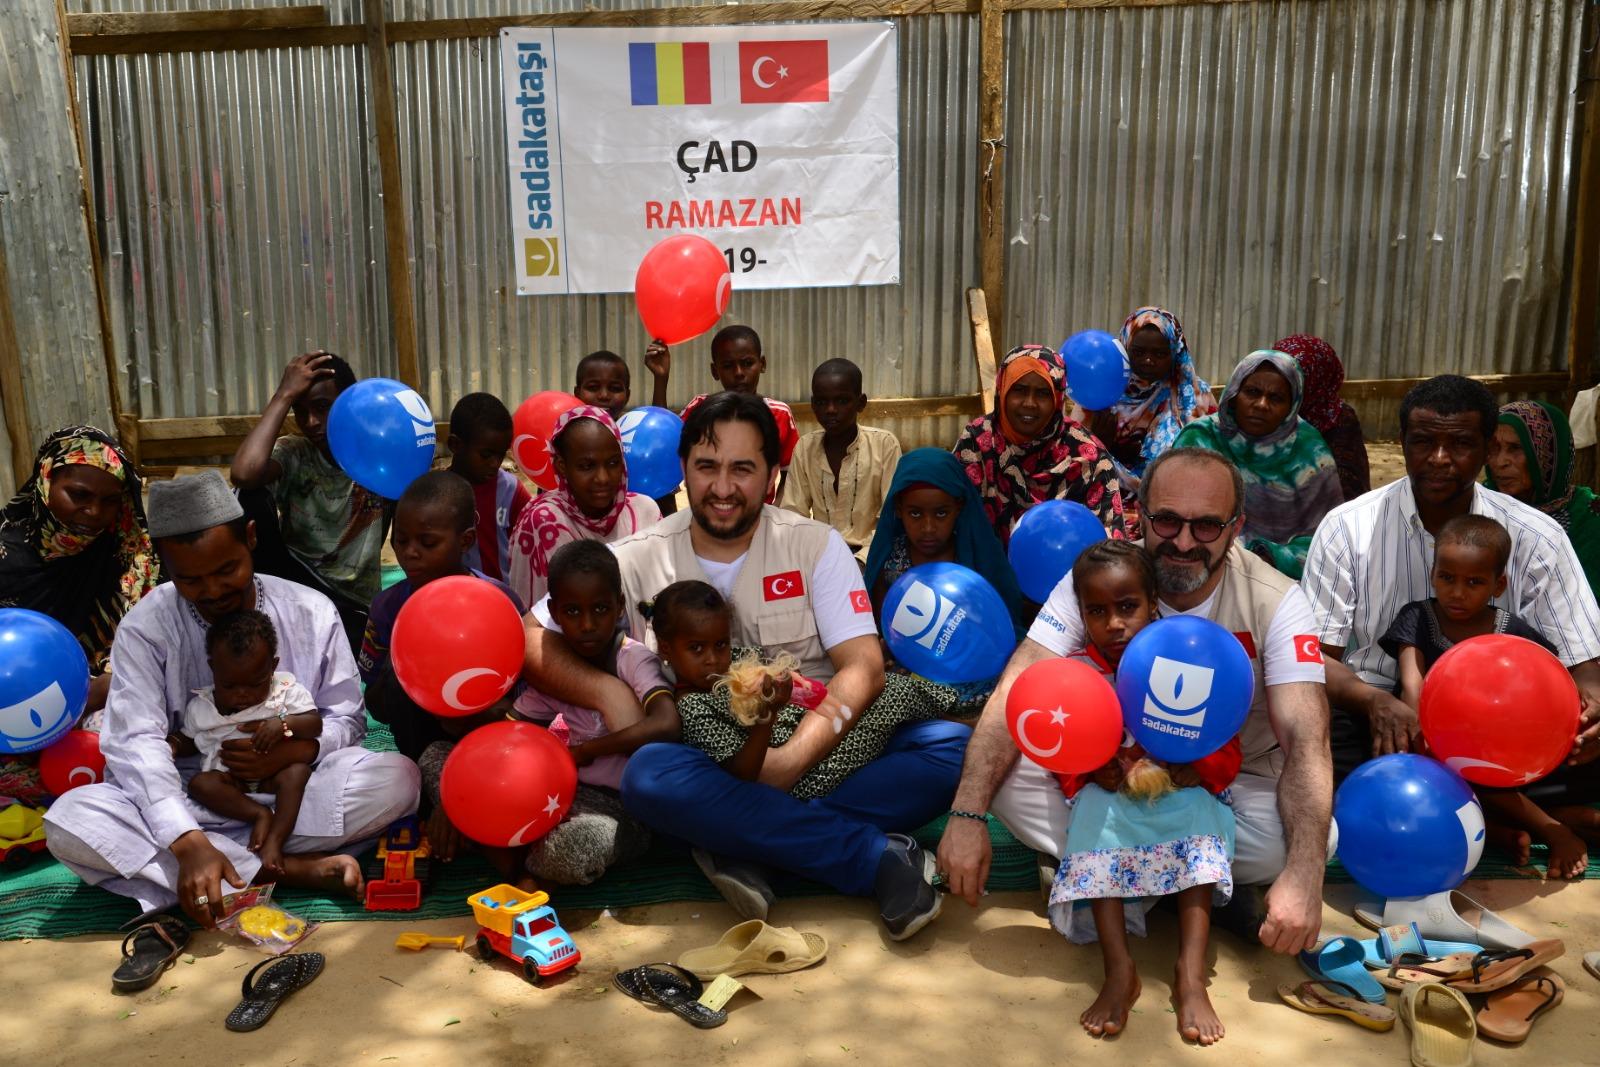 Çad'da ihtiyaç sahiplerinin yüzleri güldü